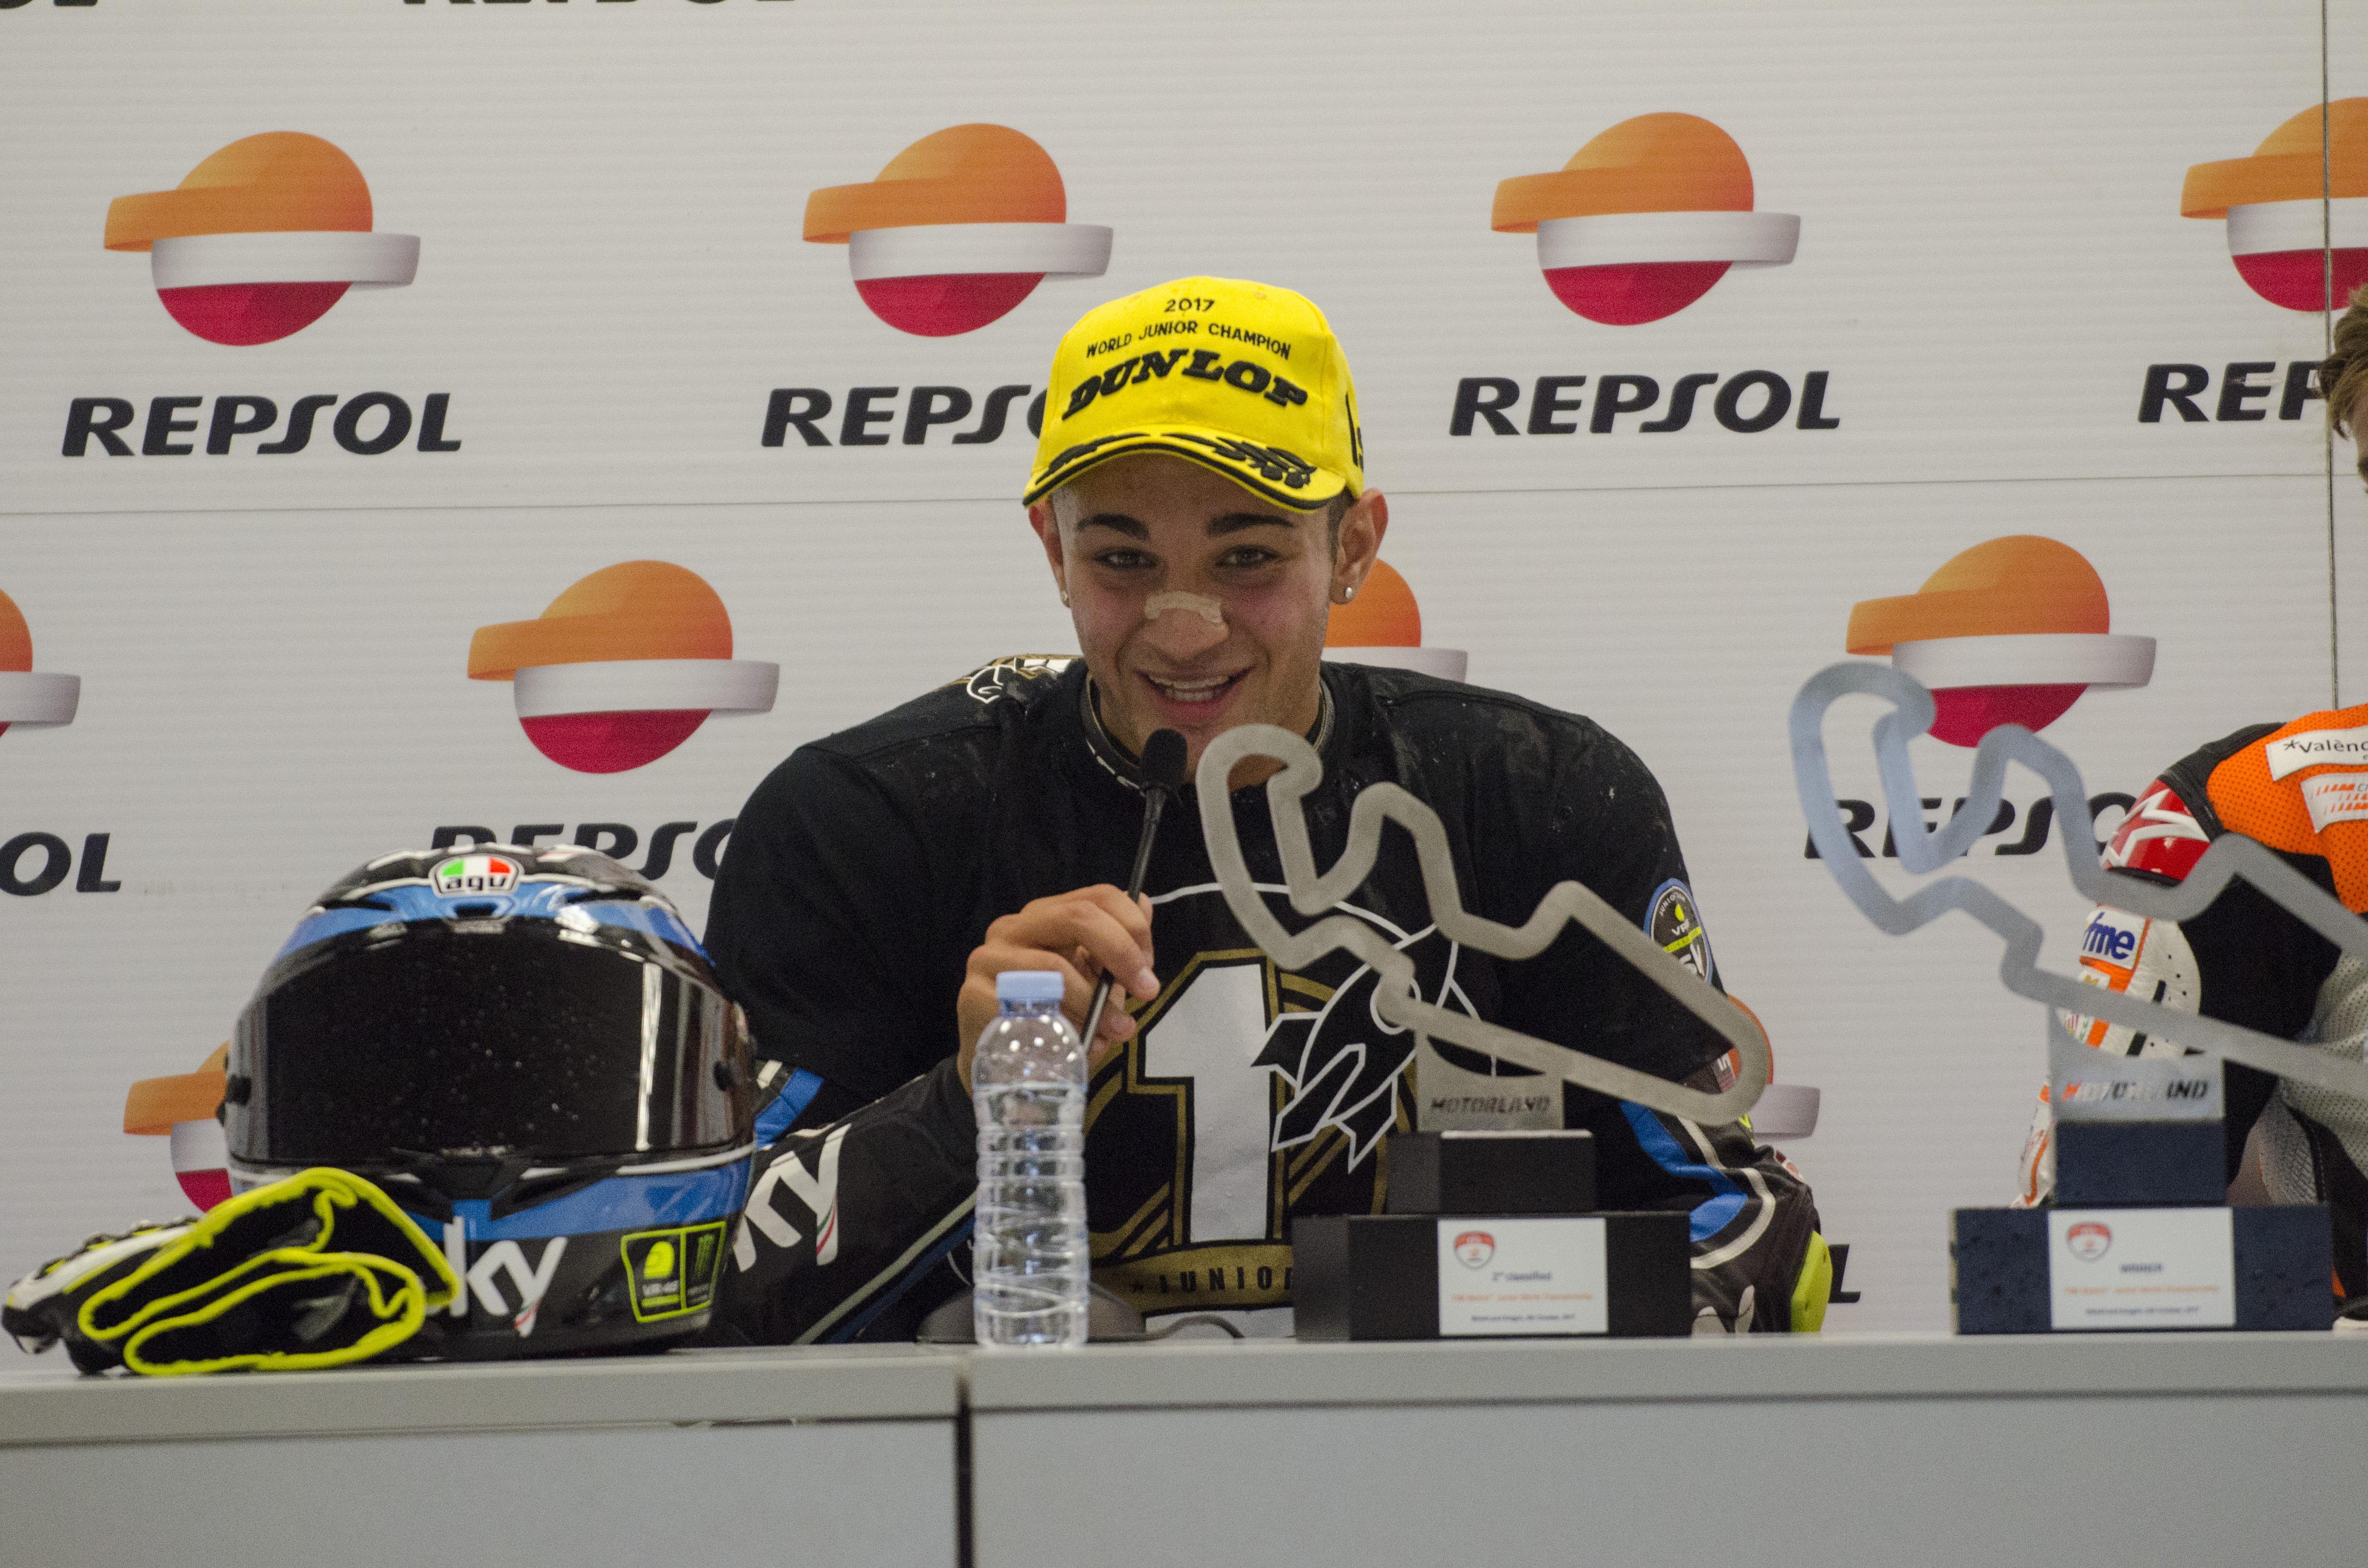 Dennis Foggia, Campeón del Mundo Junior de Moto3